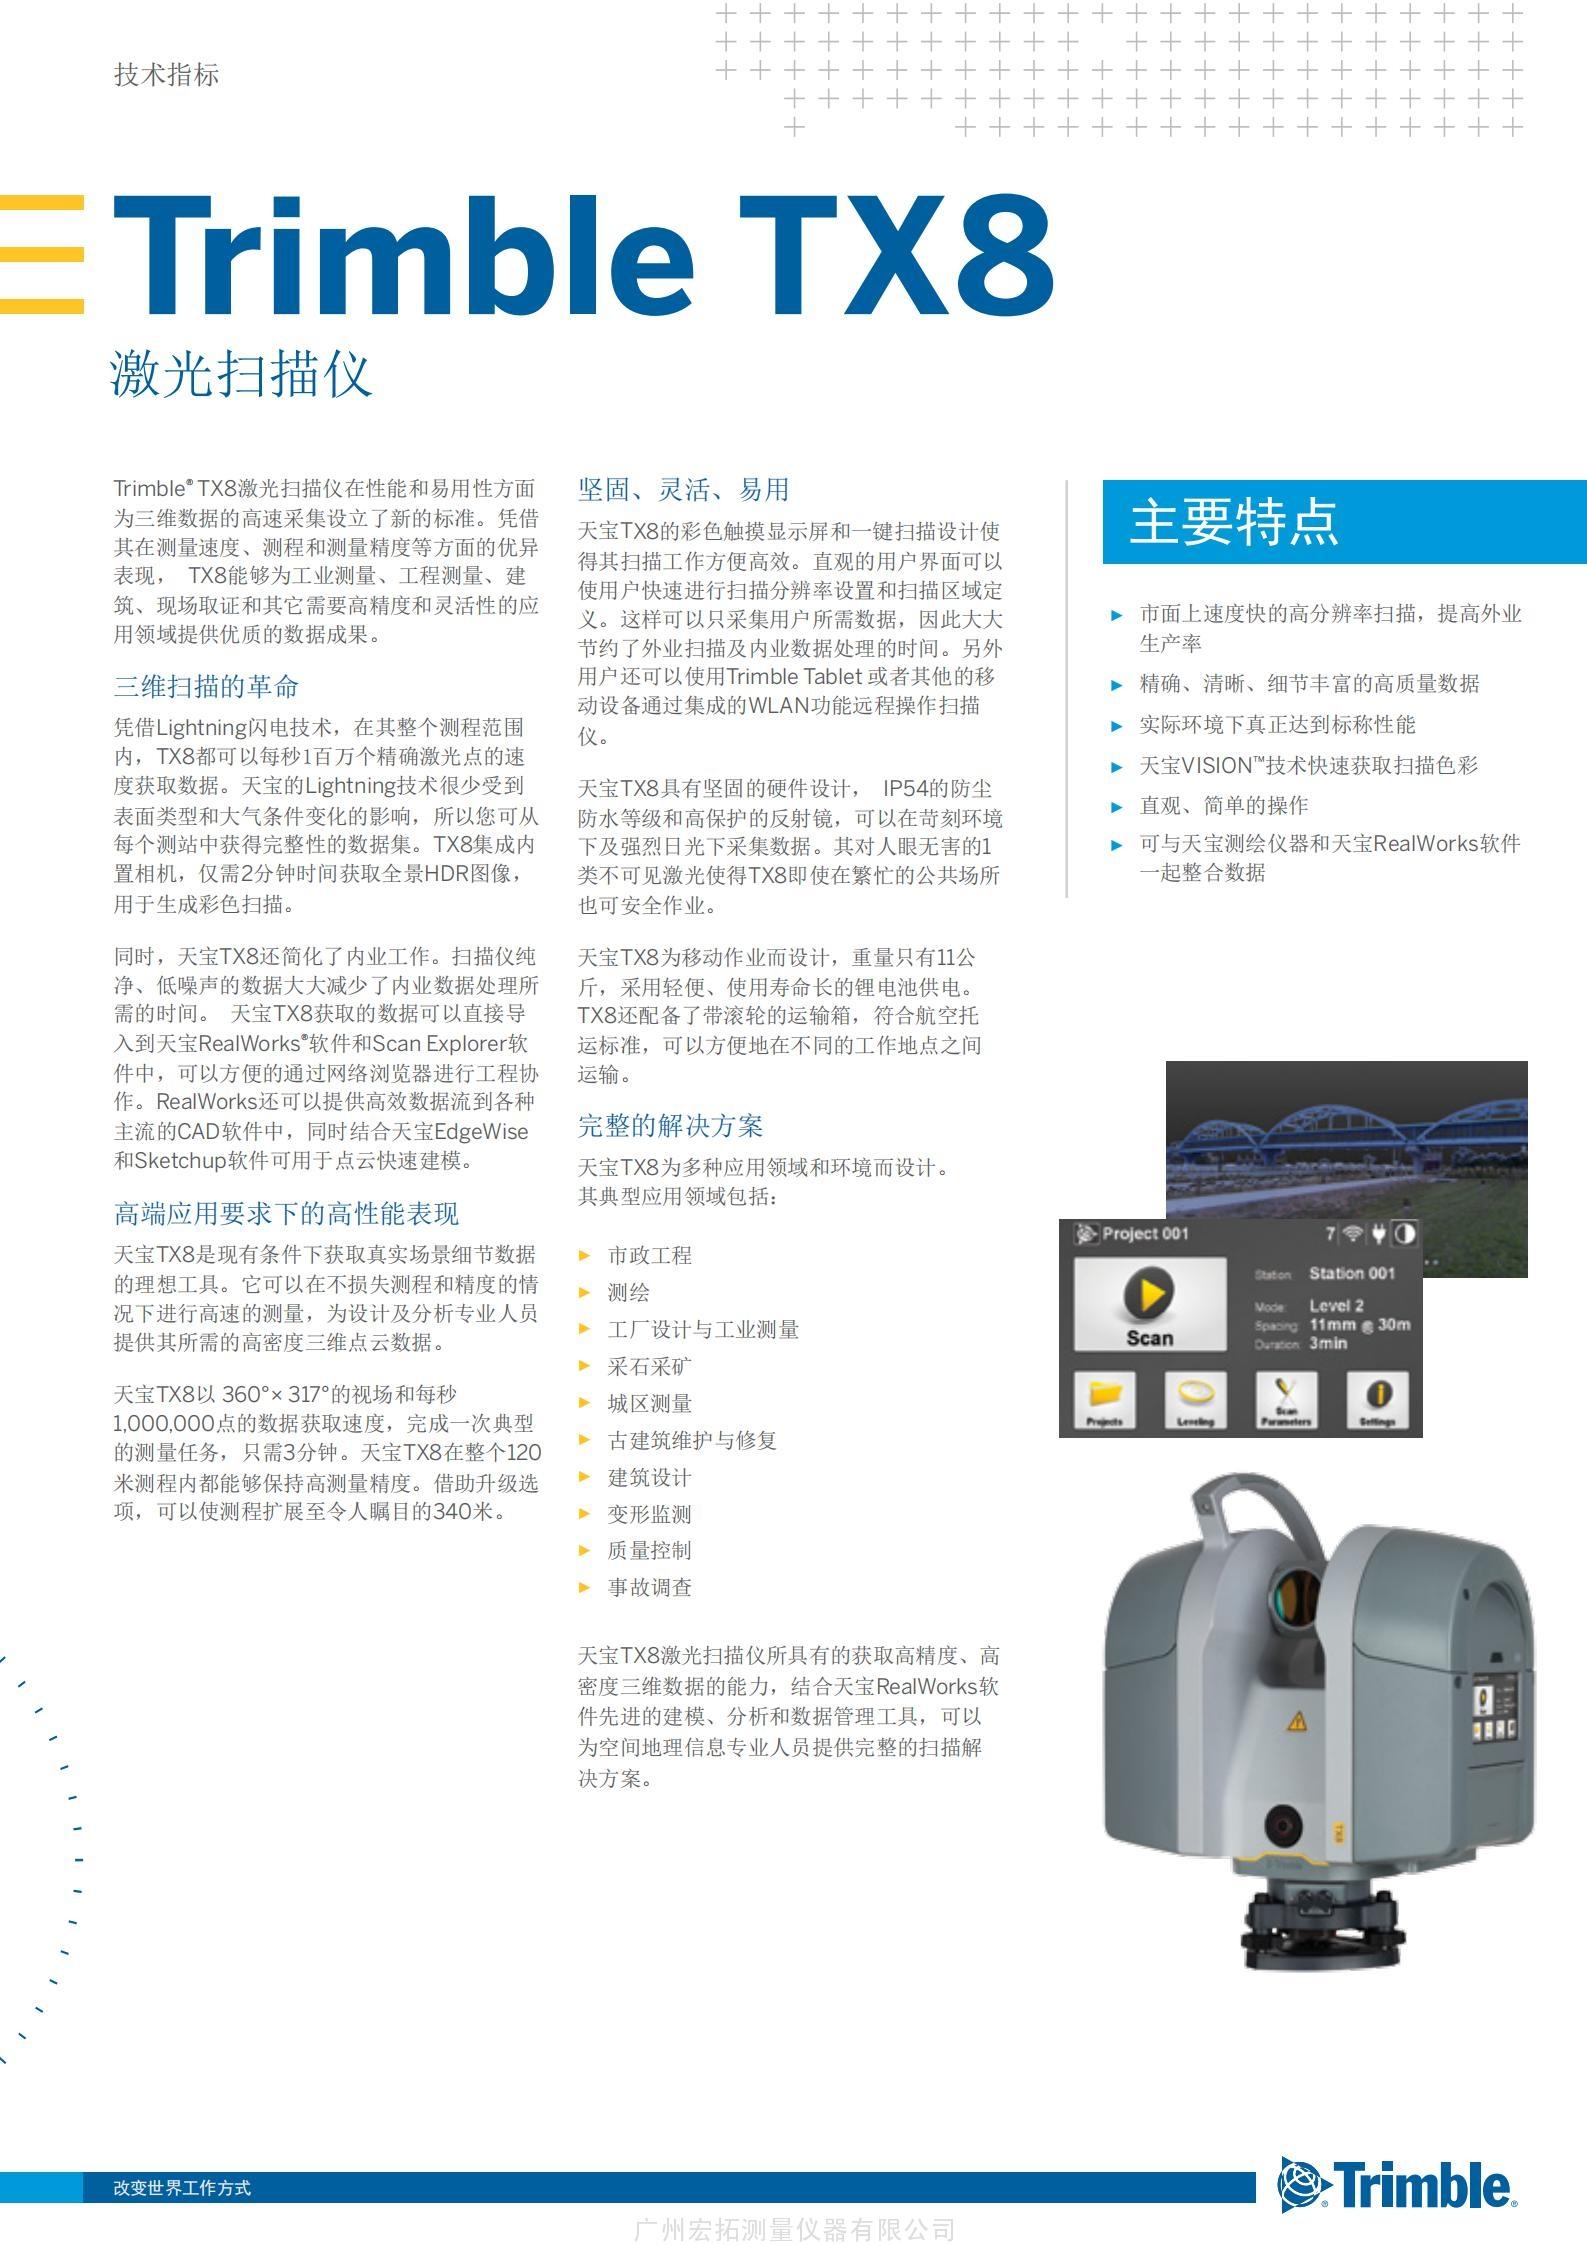 天宝TX8三维扫描仪_00.jpg